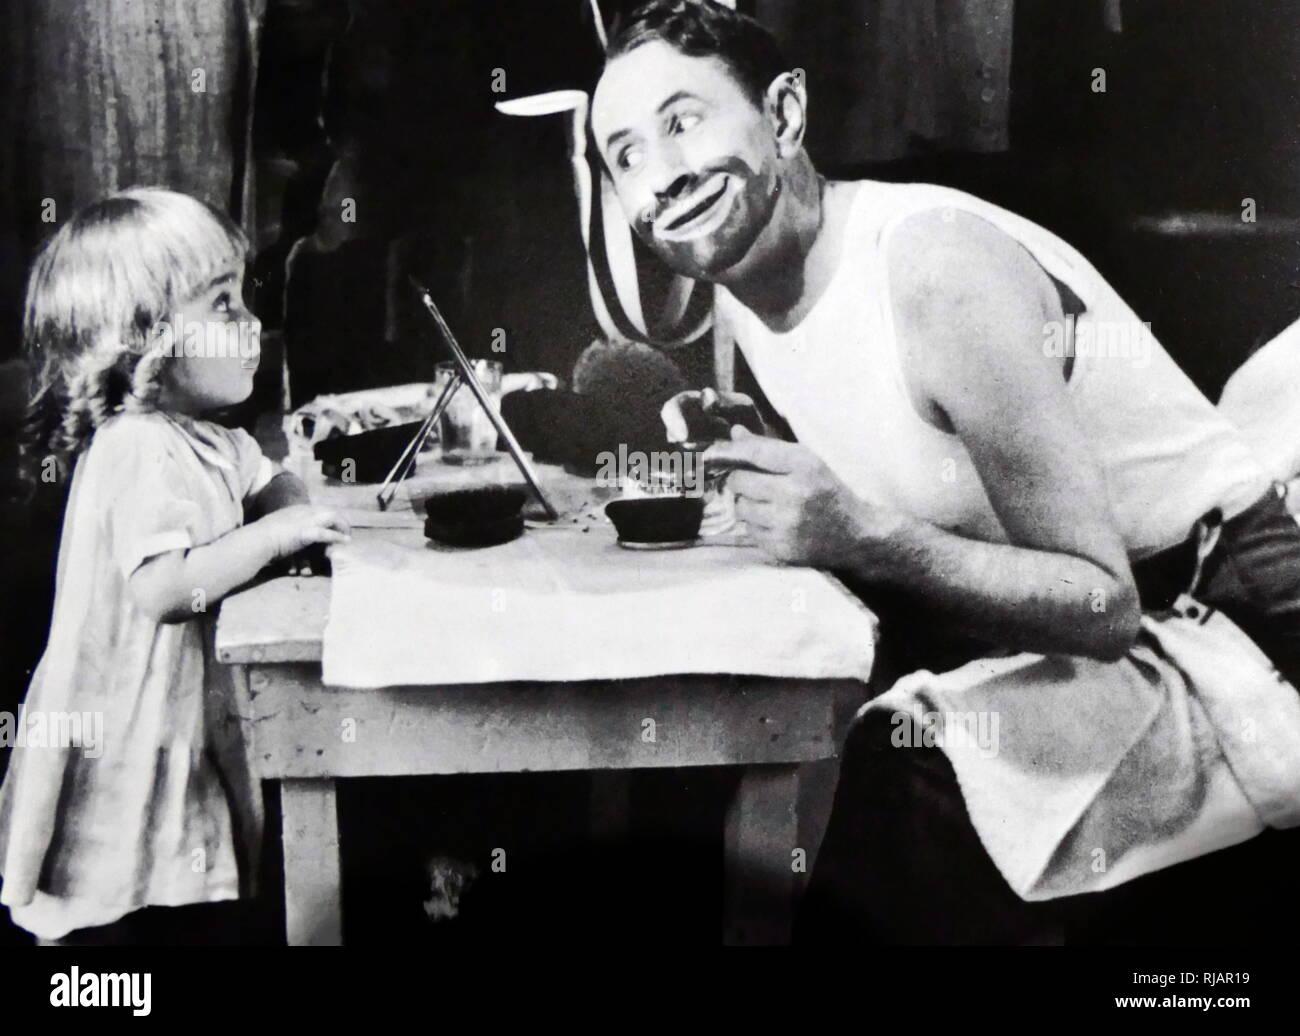 Eddie Lane (droite) dans 'Memory Lane', est une perte, 1929 Photographie noir et blanc film musical américain. C'est une adaptation de la pièce la compréhension écrite par Jo Swerling. Eddie Leonard (Octobre 17, 1870 - Juillet 29, 1941), né Lemuel Golden Toney, était un studio shot et d'un homme considéré comme le plus grand jongleur américain de son époque, à un moment où j'ai plus spectacles étaient un divertissement grand public et populaire aux États-Unis Banque D'Images